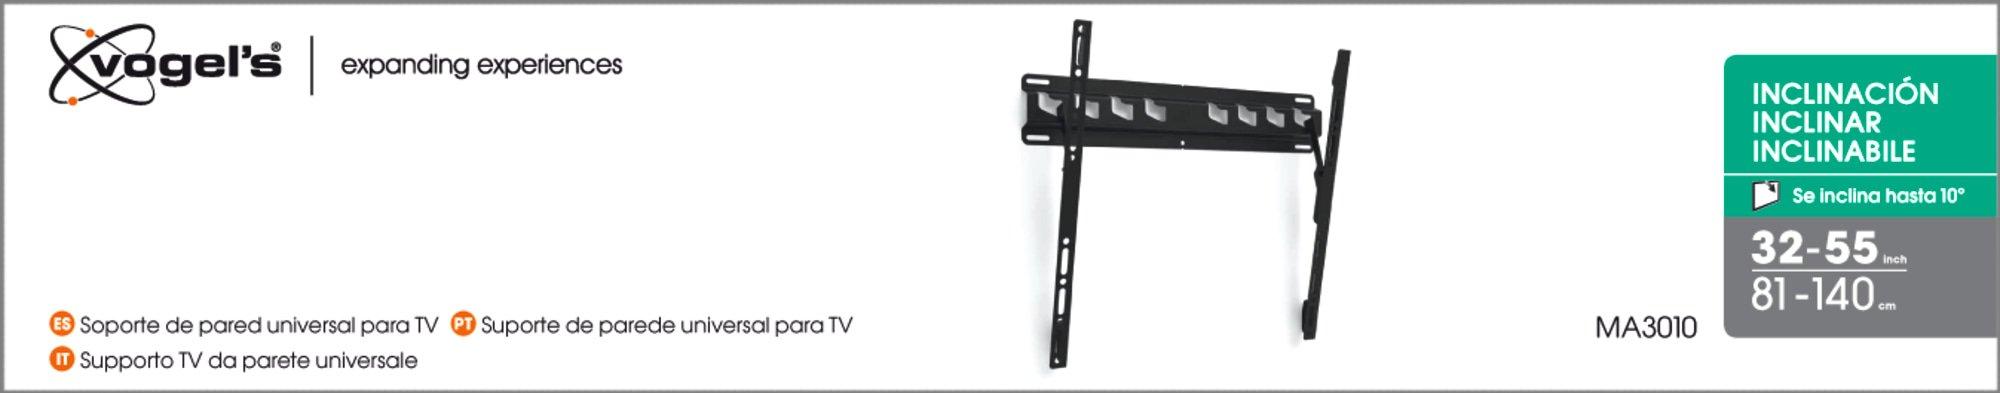 Vogels MA3010 - Soporte de pared para TV de hasta 55